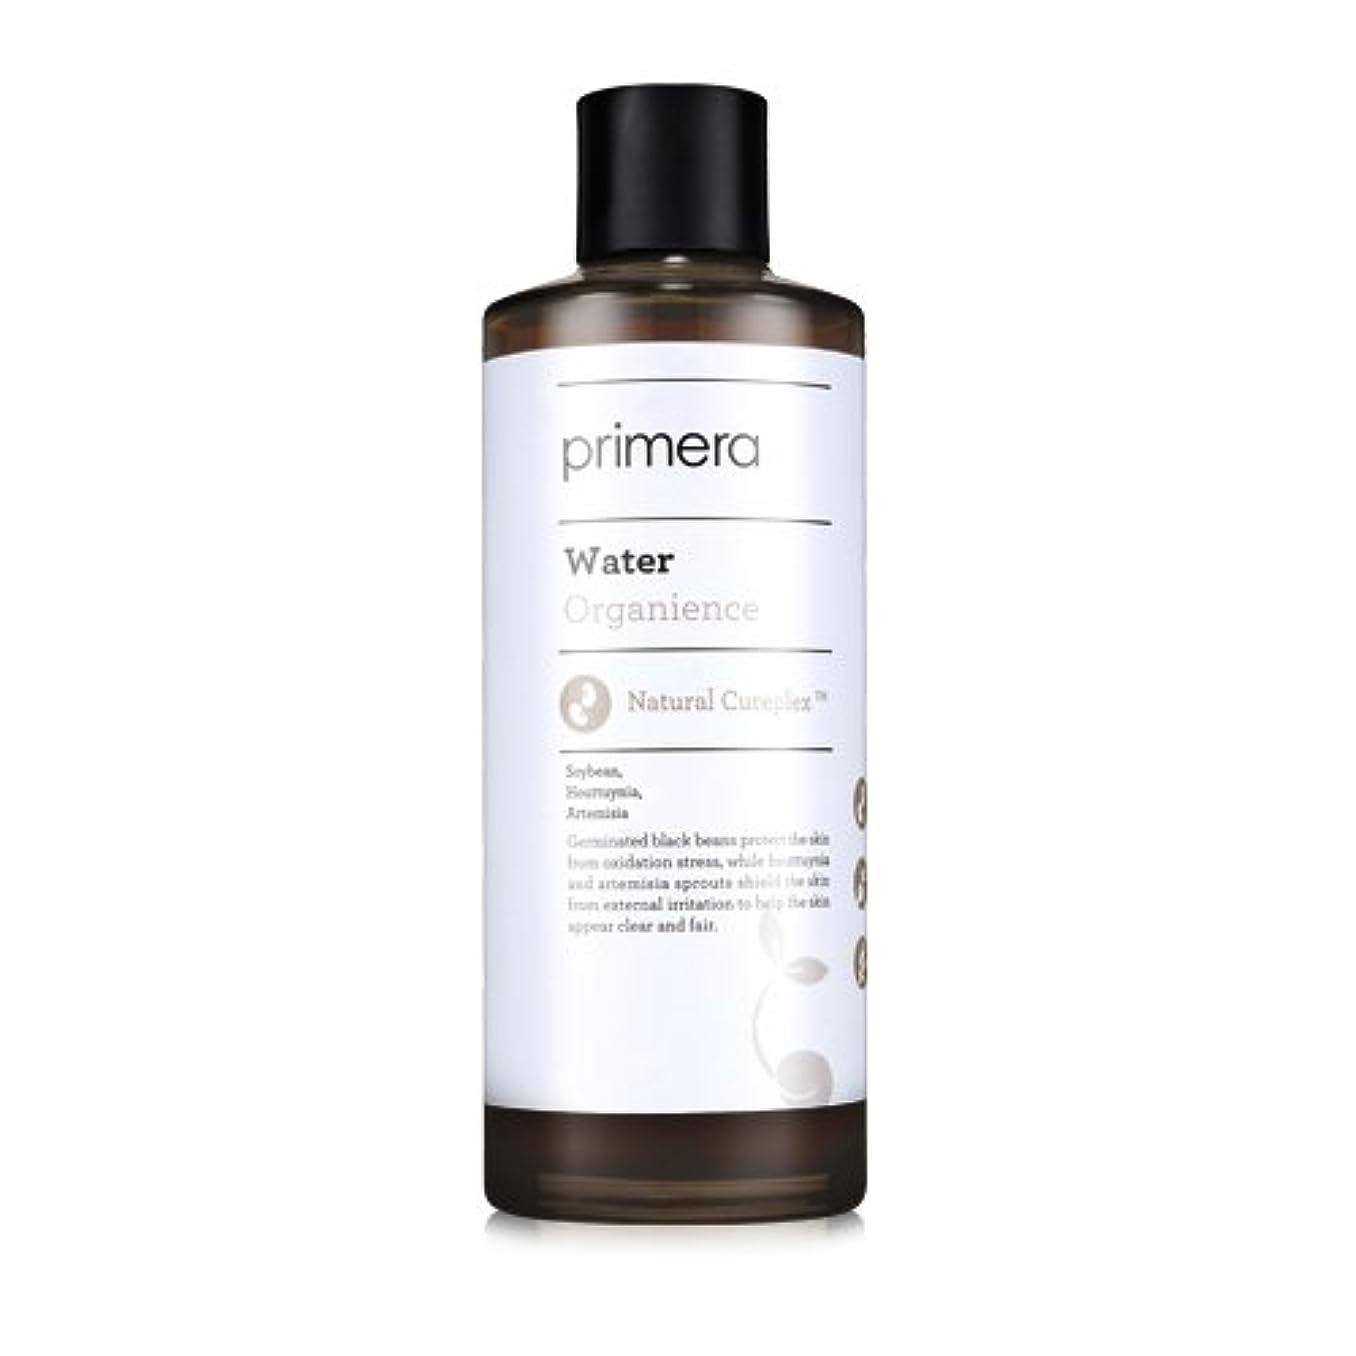 シェード厚くする誤PRIMERA プリメラ オーガニエンス エマルジョン(Organience Emulsion)乳液 150ml